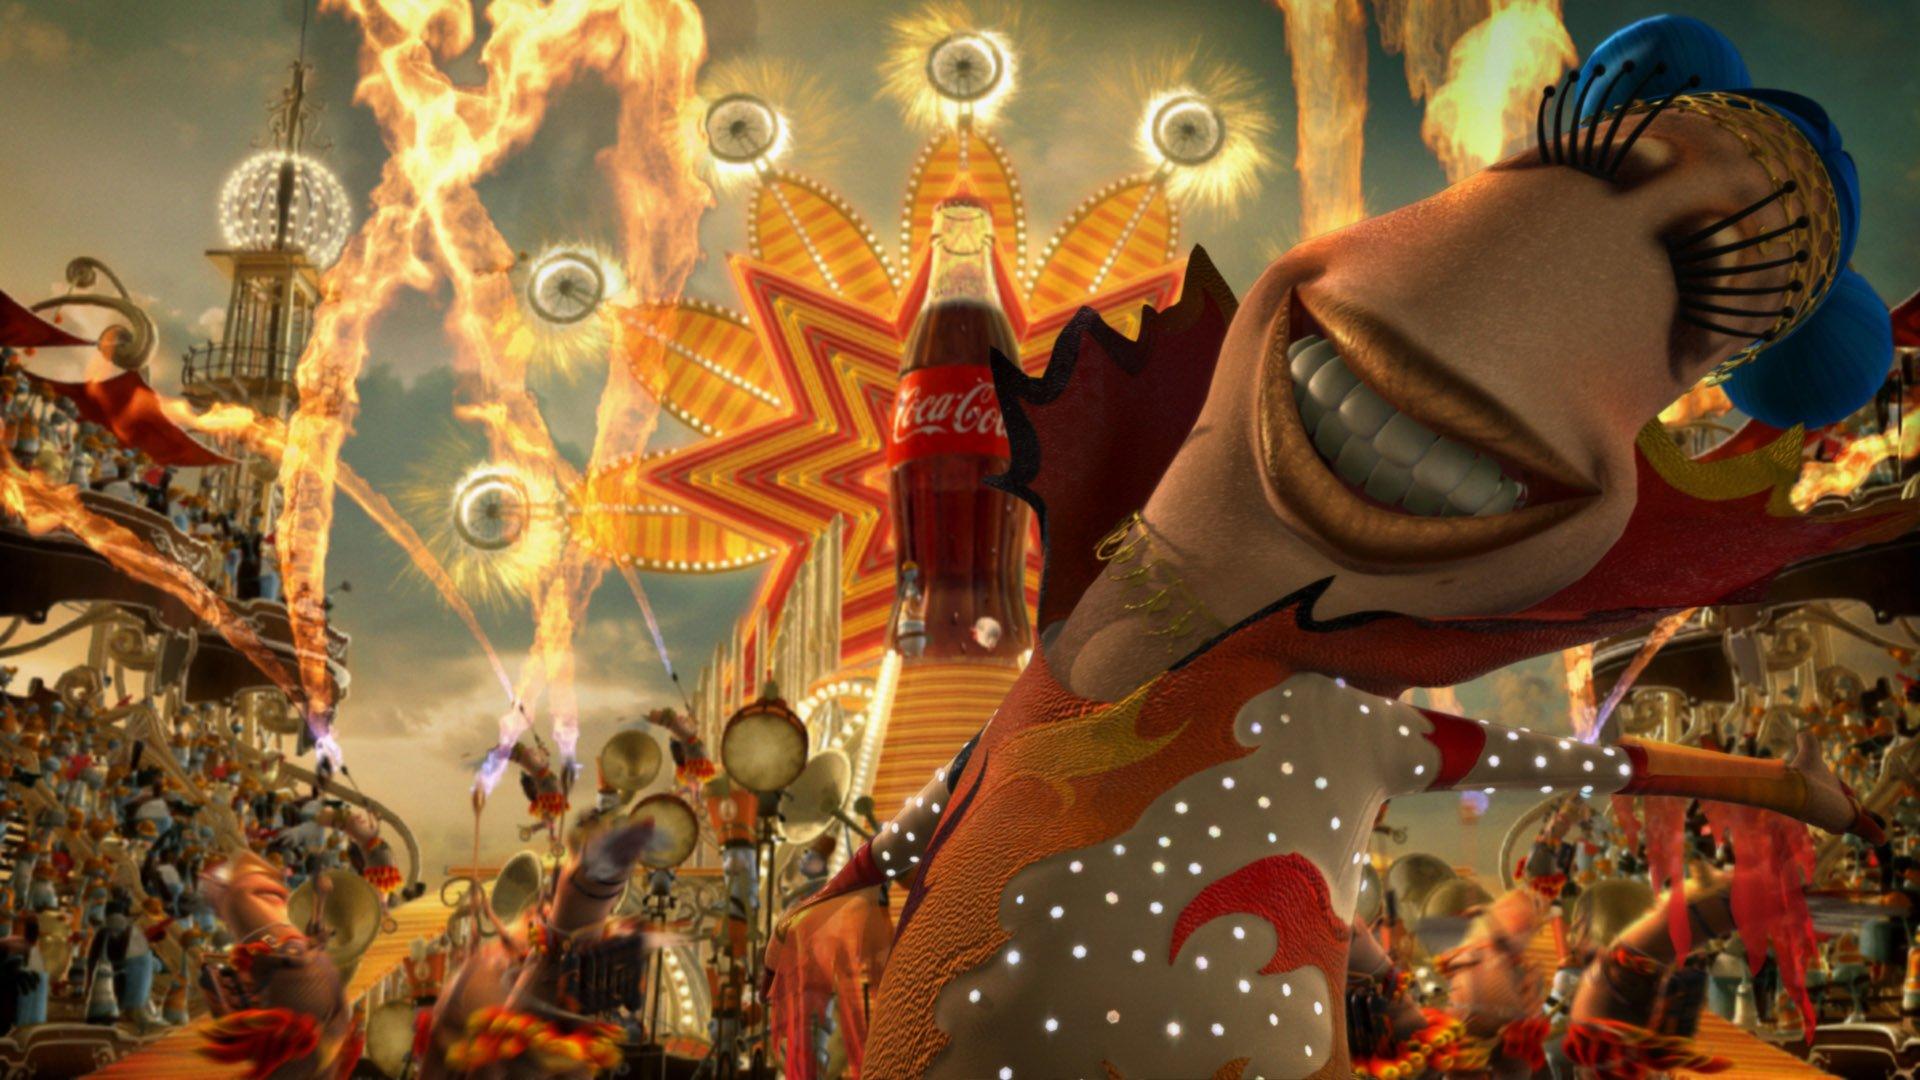 可口可乐创意海报和广告设计(4)图片